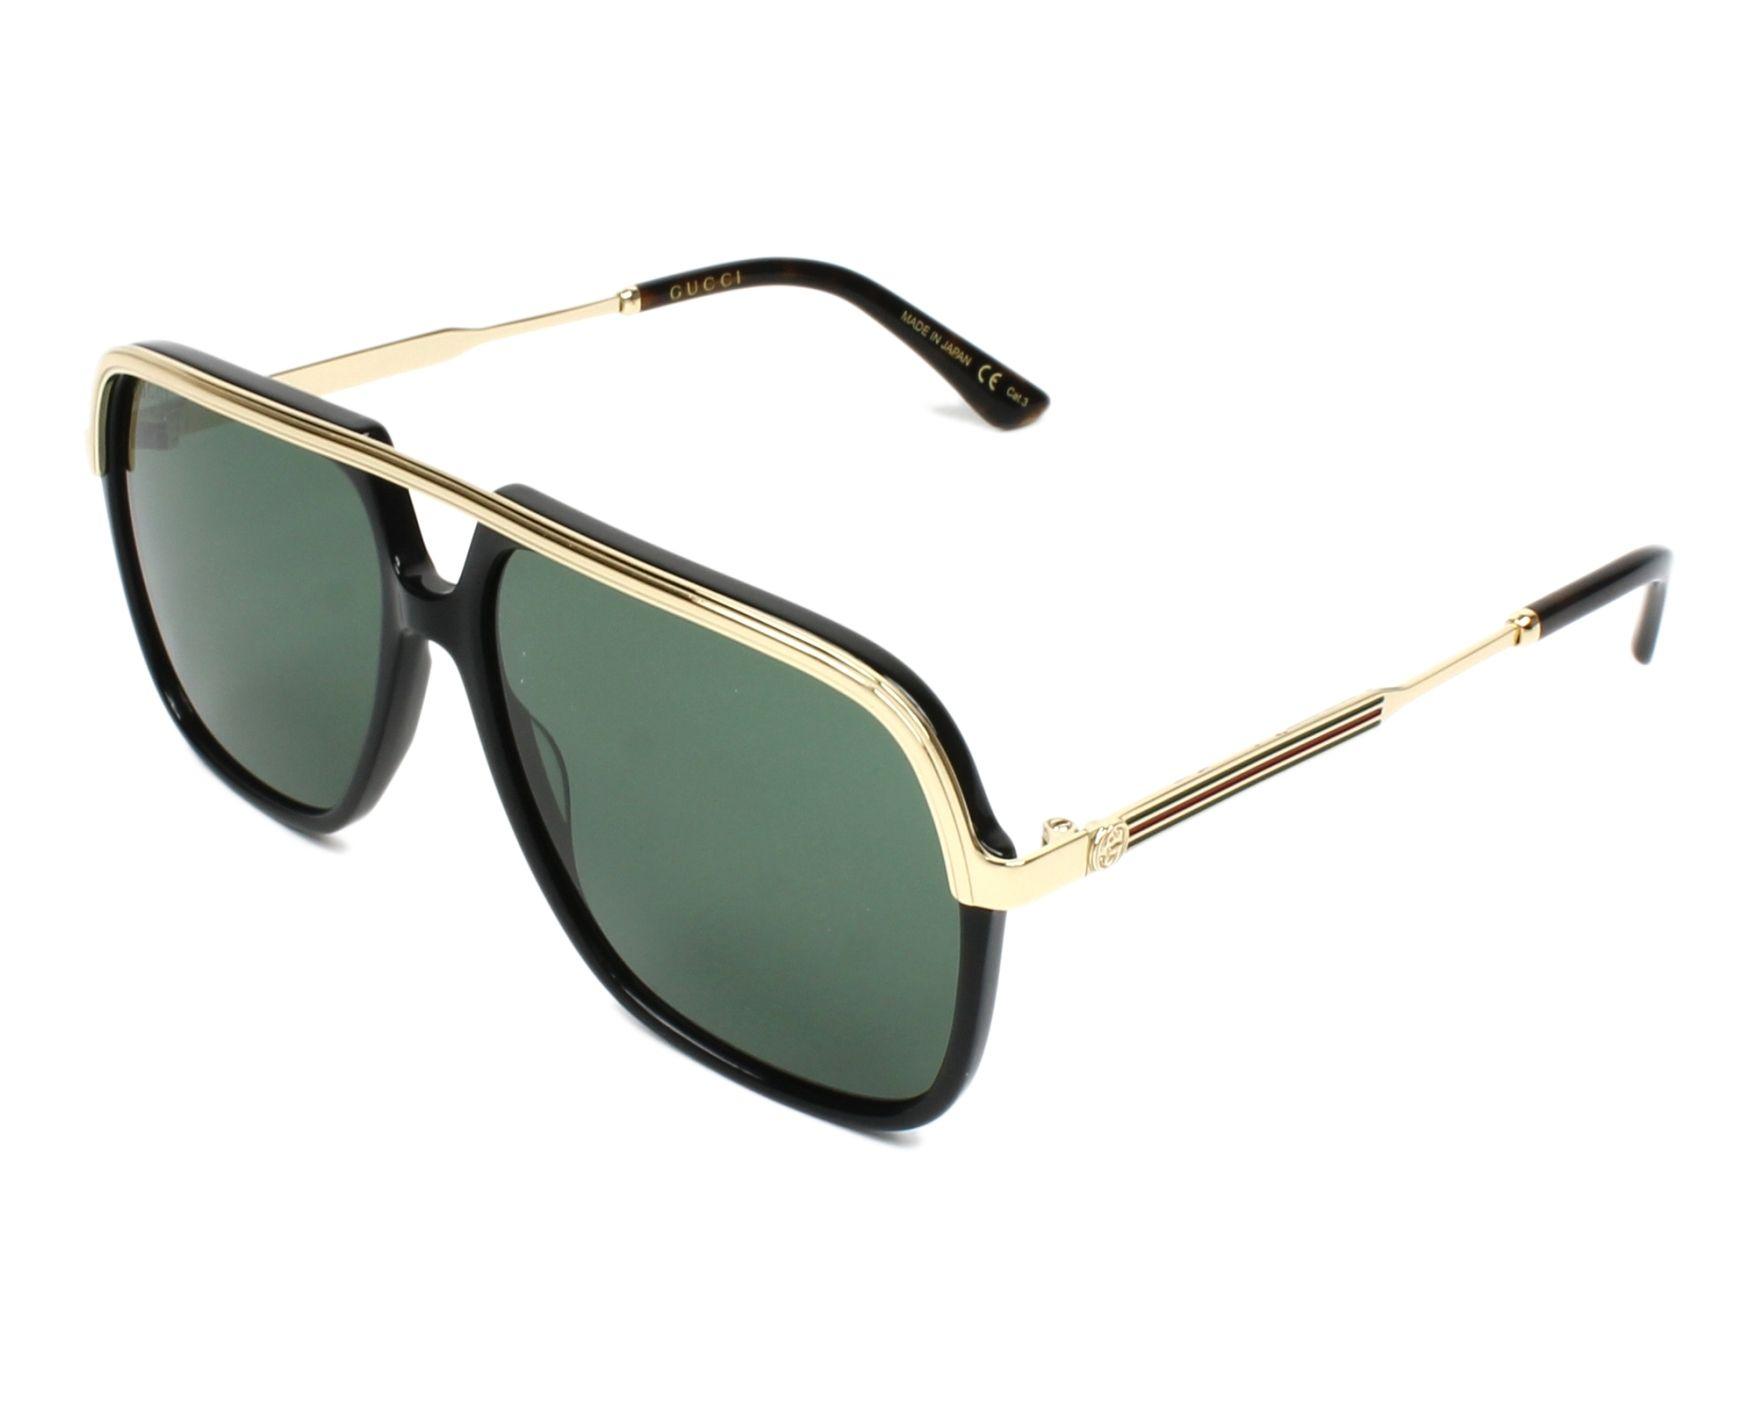 1b1f6d4d3a0 Sonnenbrillen Gucci GG-0200-S 001 57-14 schwarz gold Profilansicht